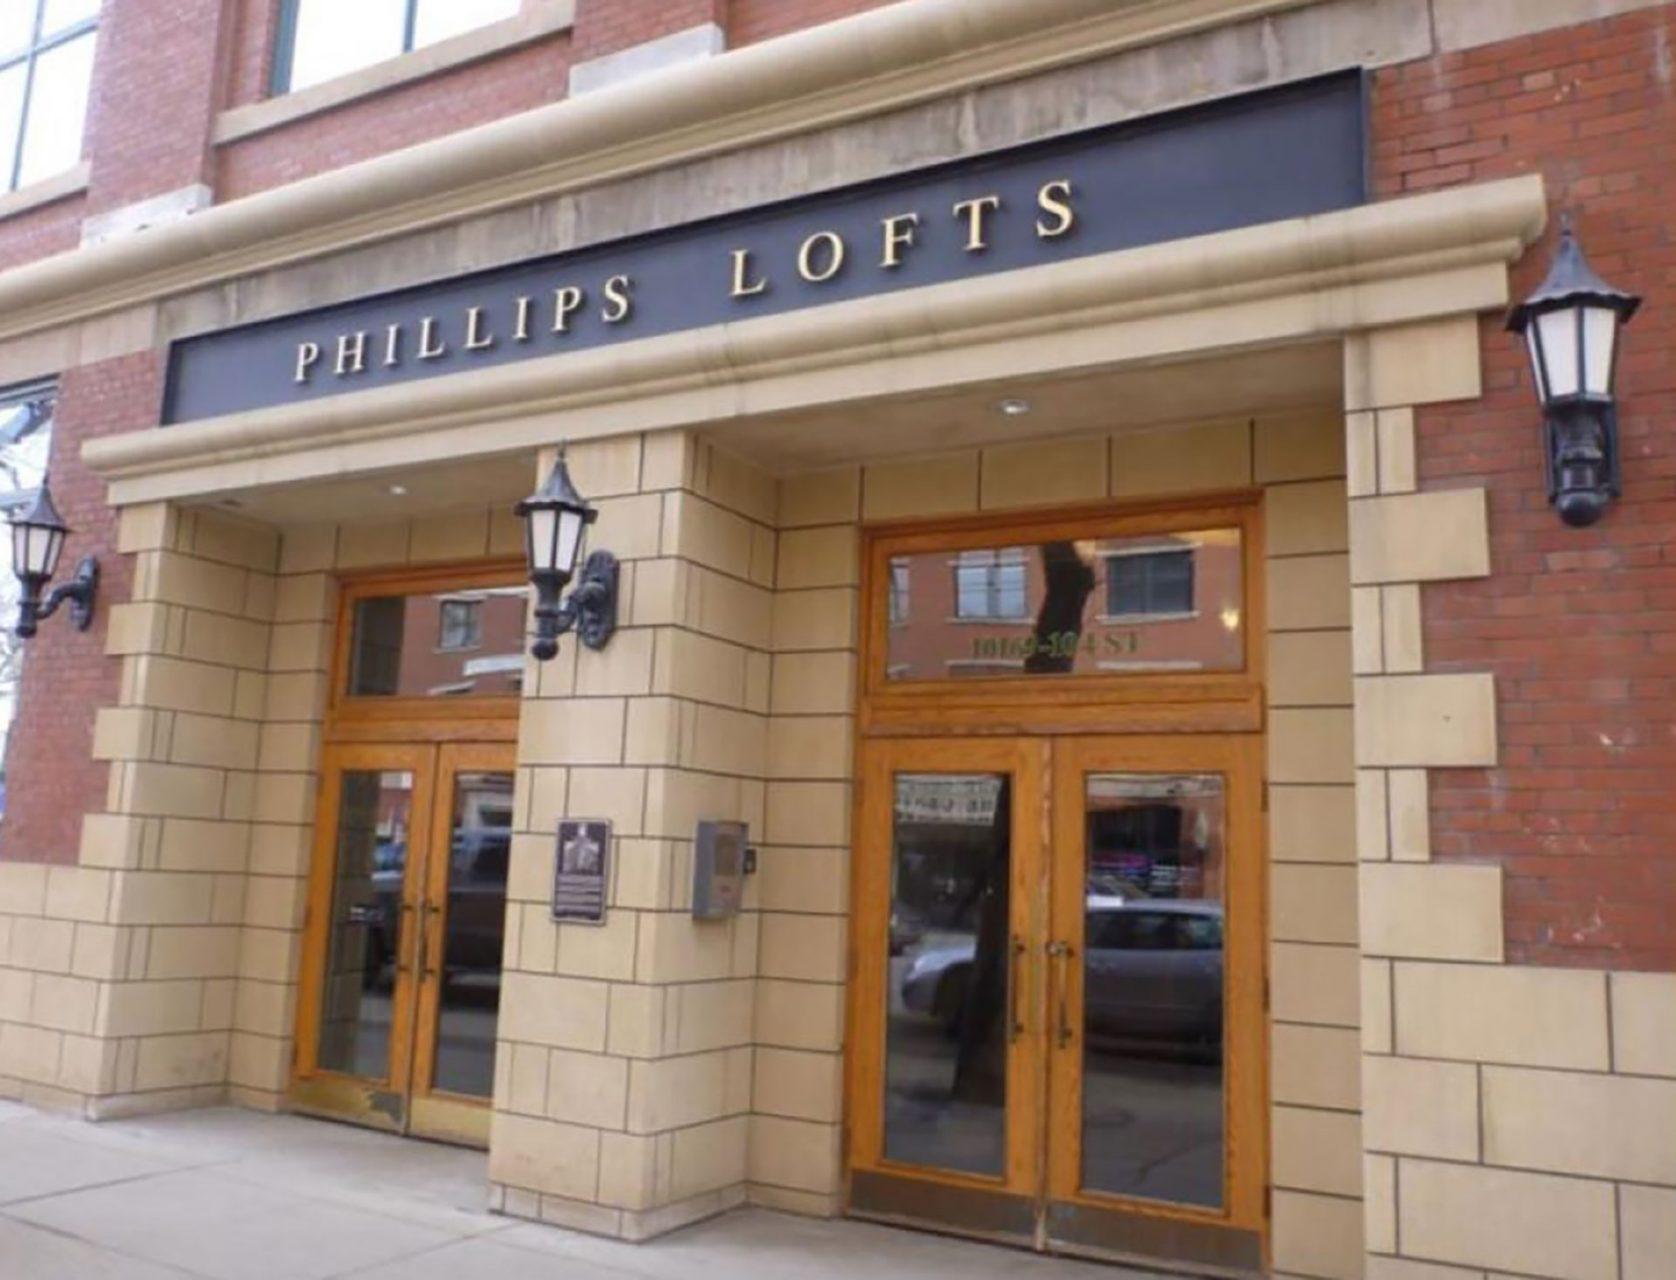 CS Management Inc. - Phillips Lofts Condominiums